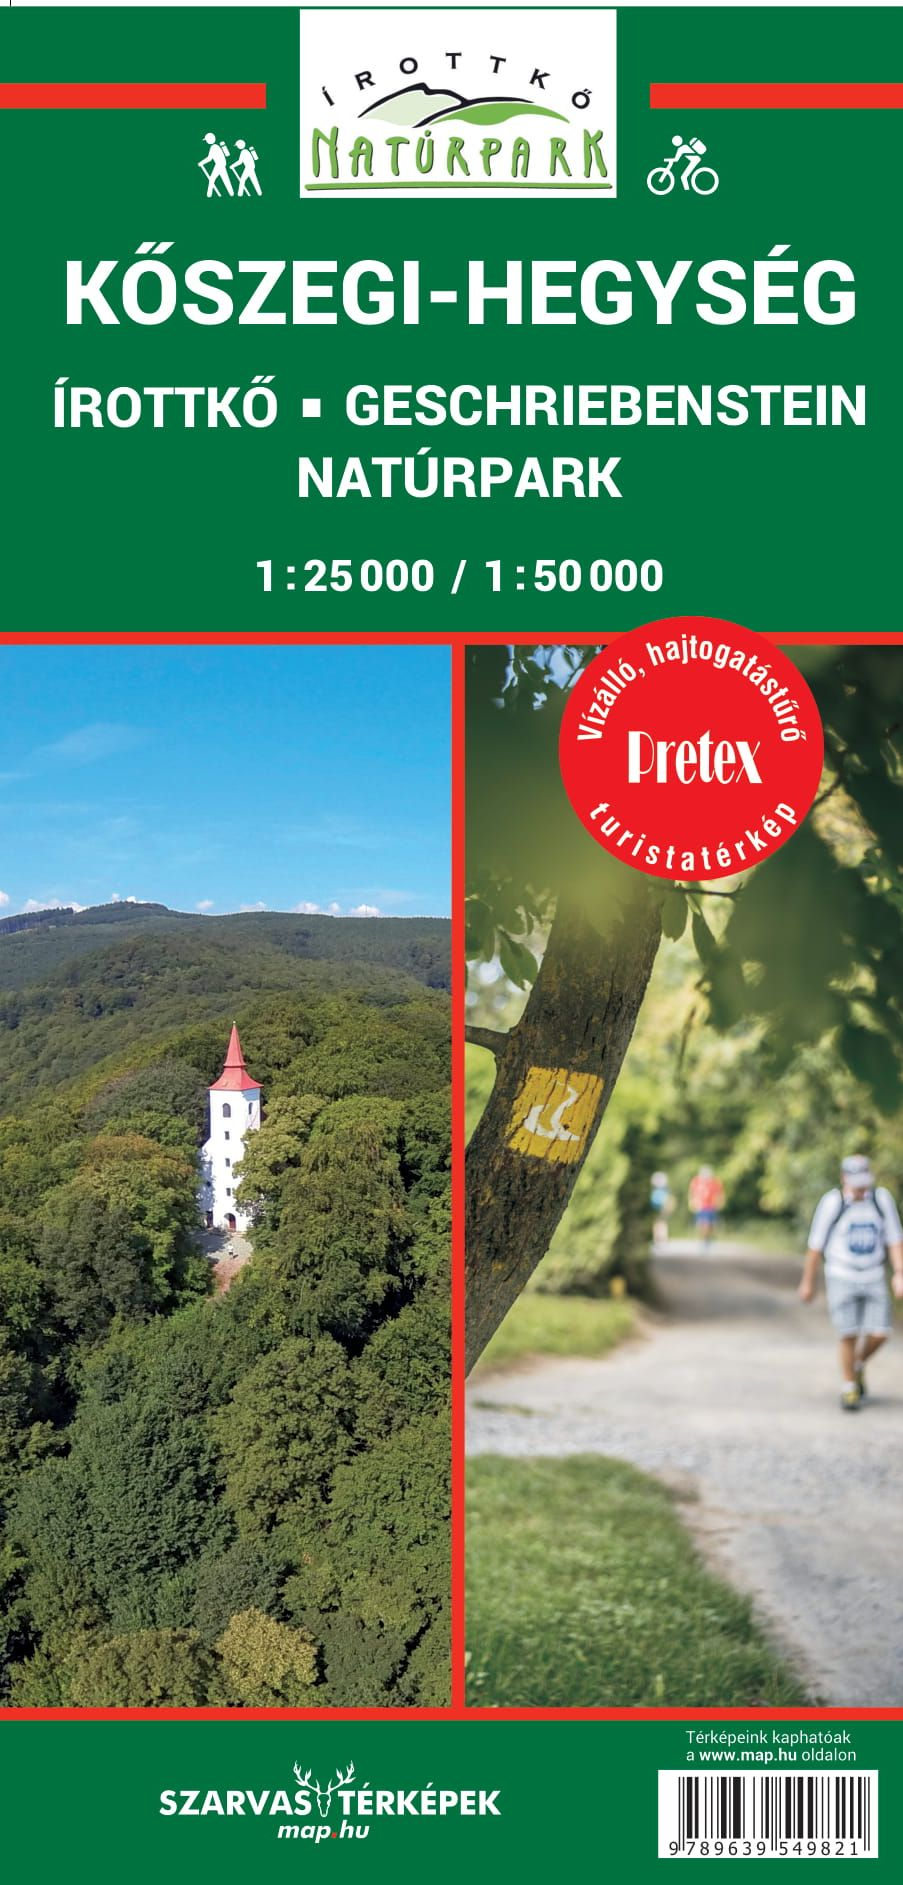 A térkép ábrázolja az Írotkő/Geschriebenstein natúrparkterületét is.